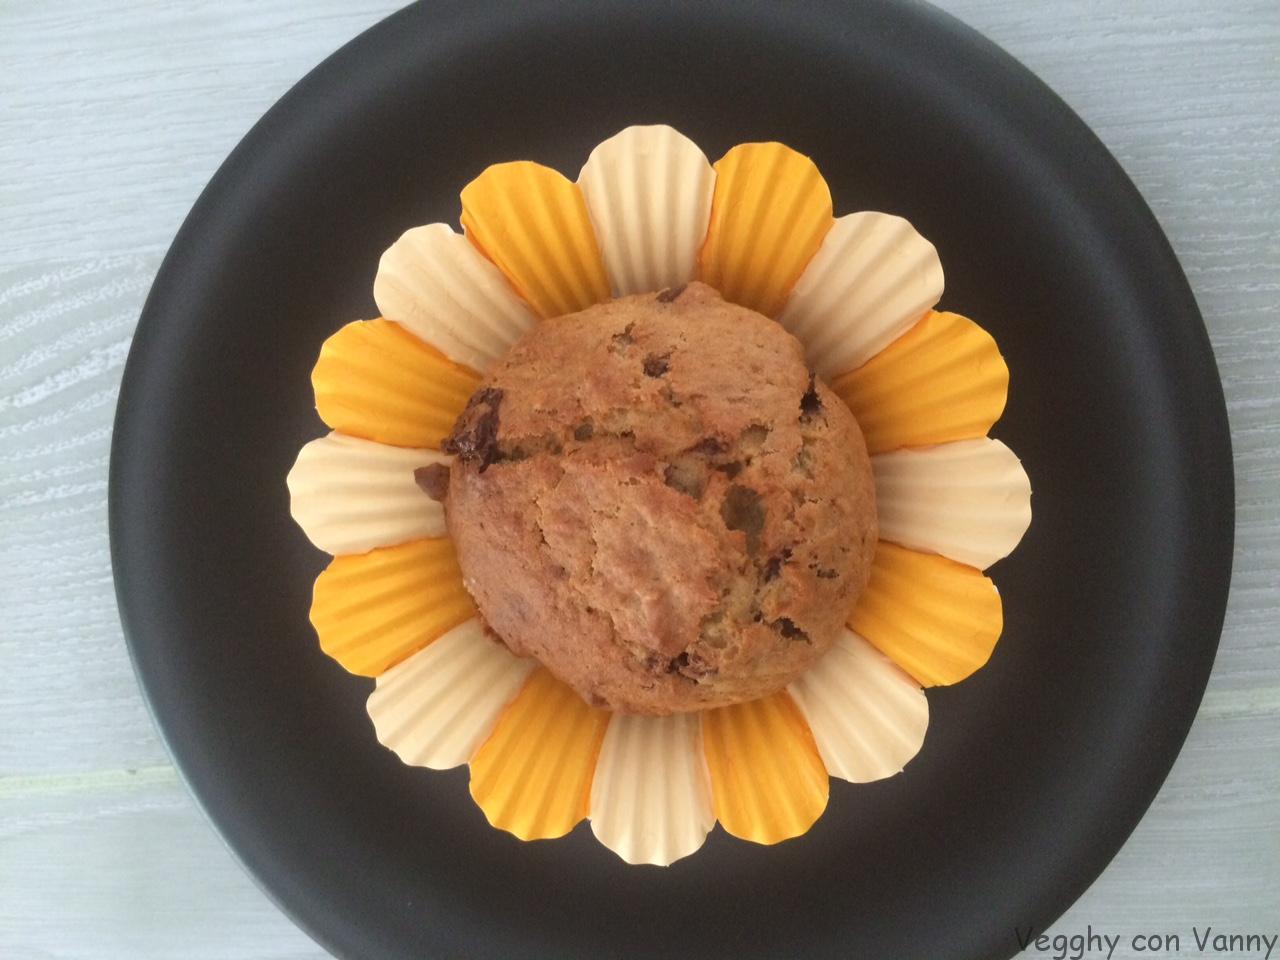 Muffin choco banana